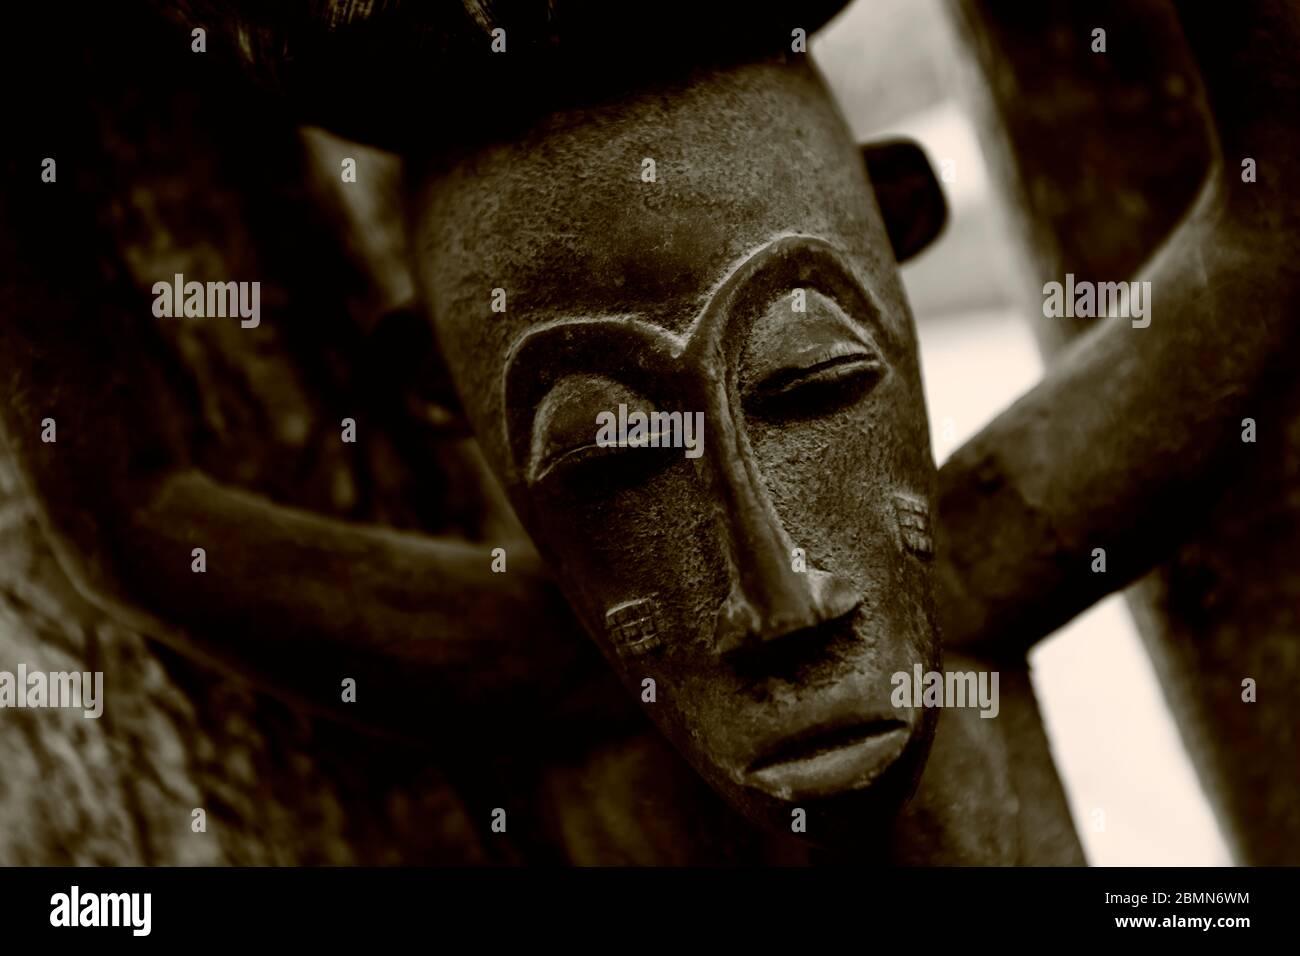 Sculpture africaine traditionnelle en bois, détail gros plan. Objet mystique sombre, typiquement vu en Afrique. Banque D'Images